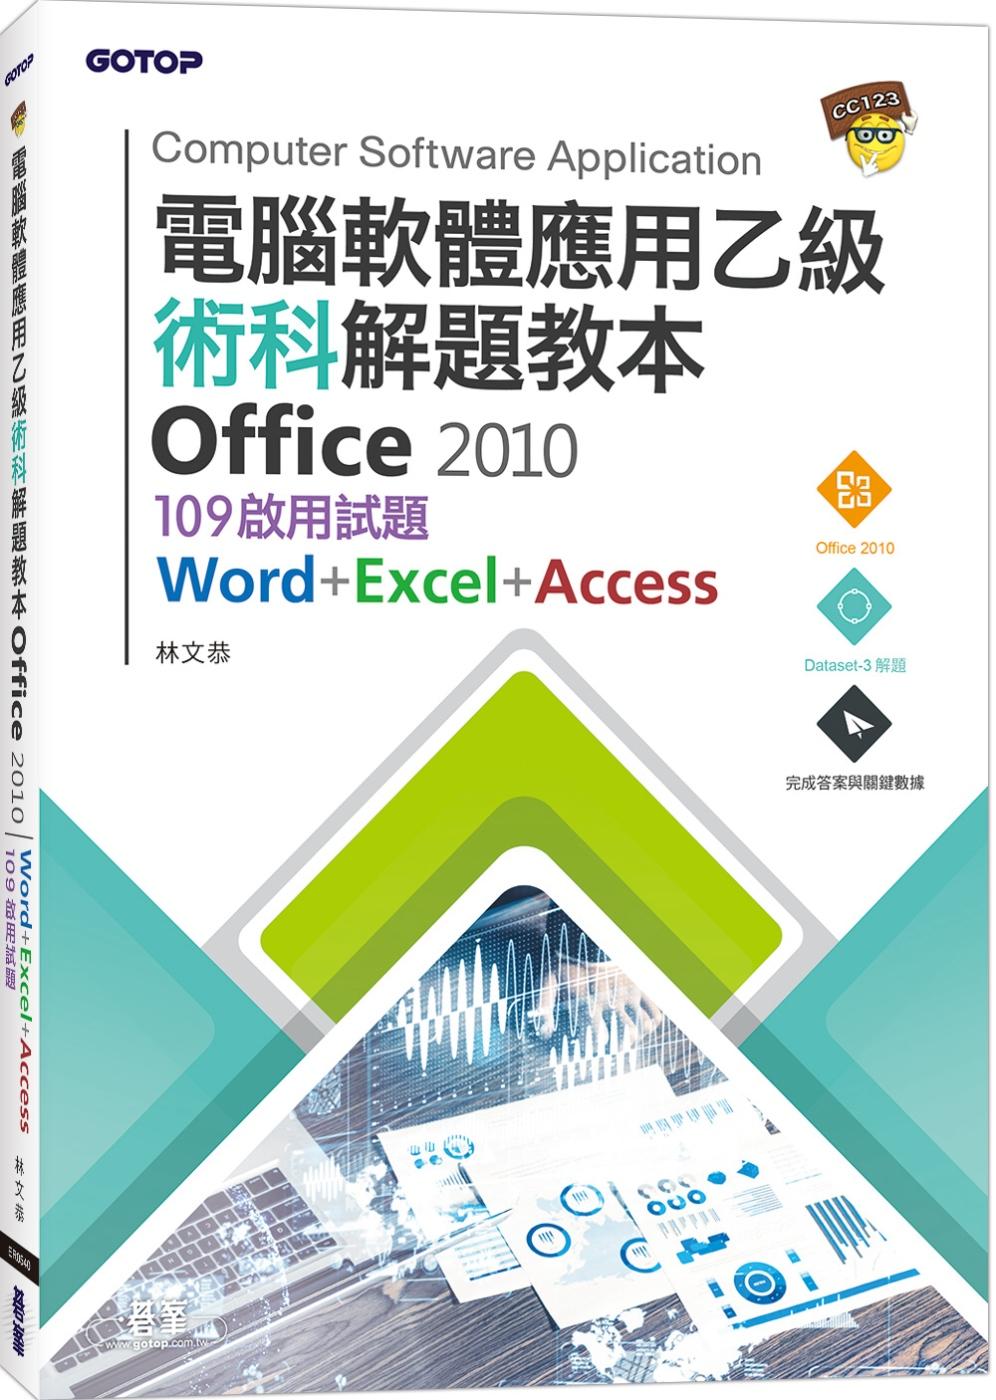 電腦軟體應用乙級術科解題教本 Office 2010:109年啟用試題